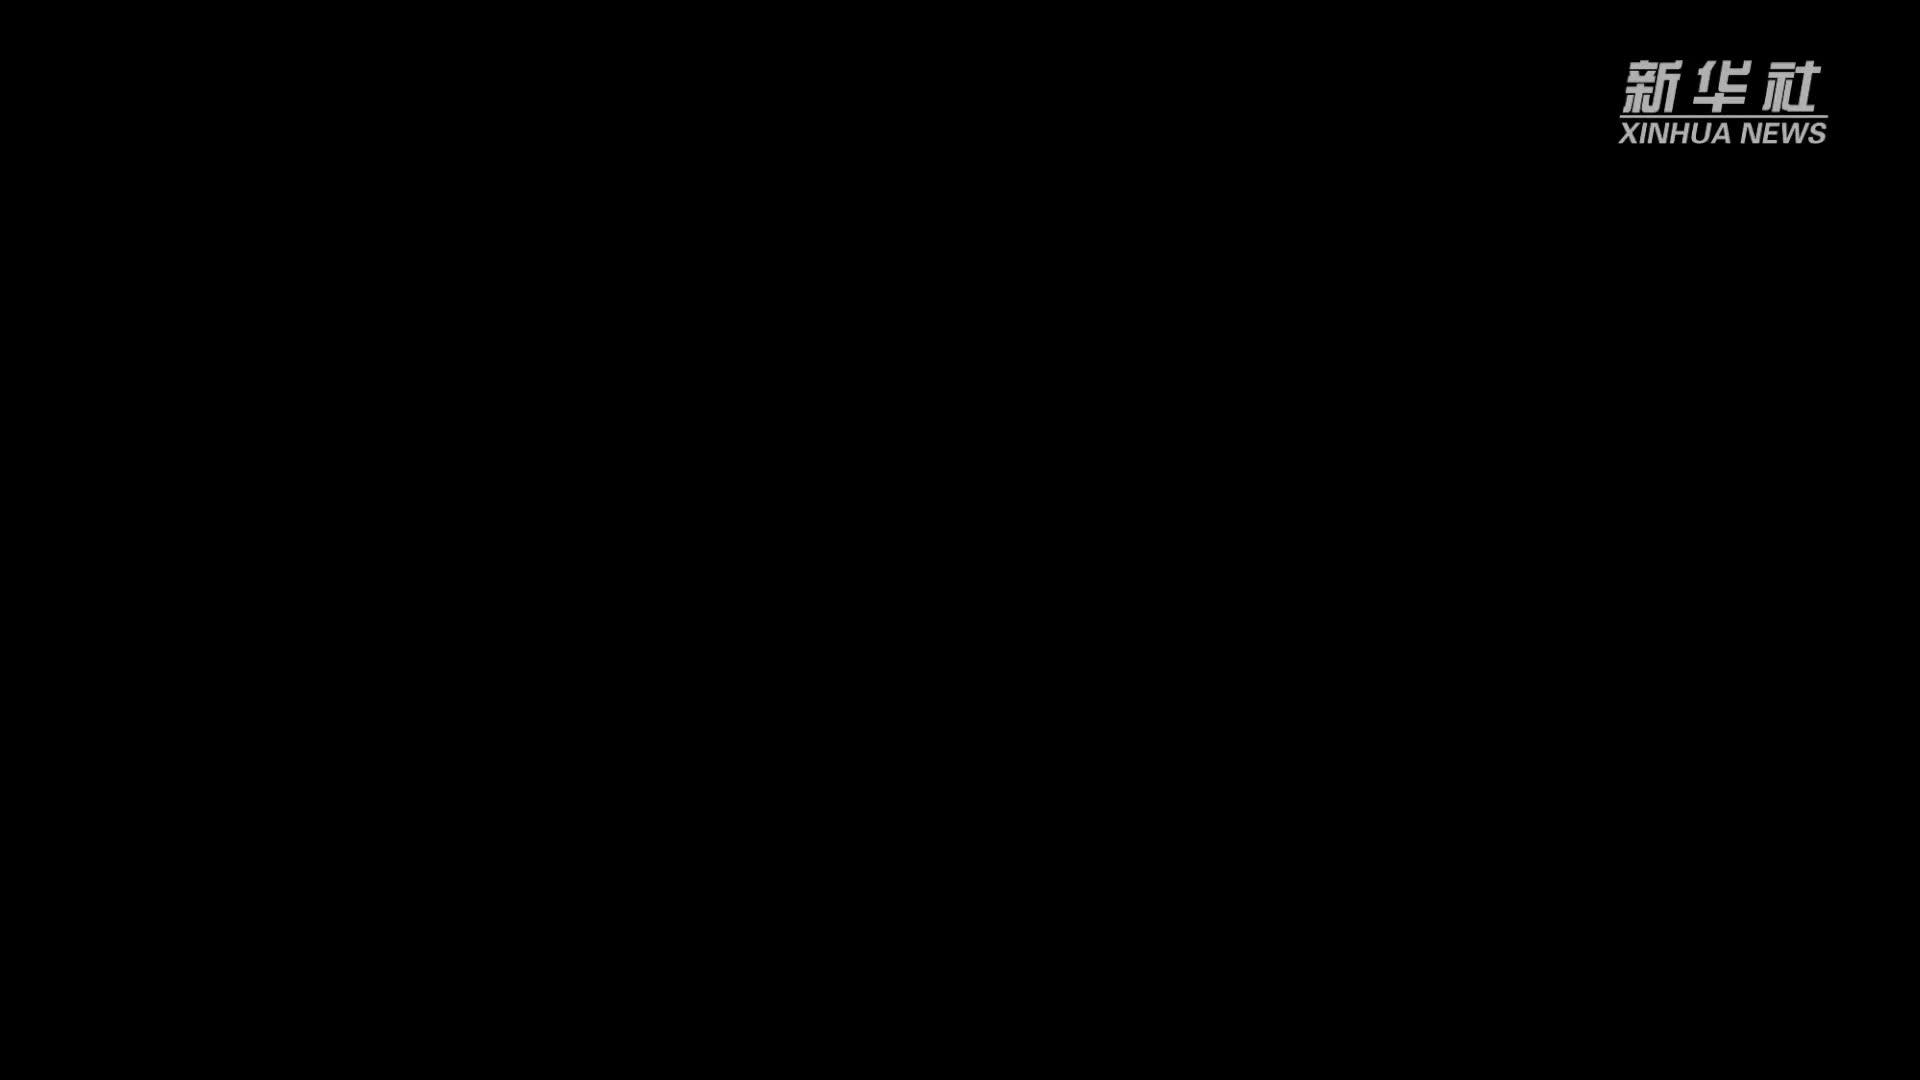 神舟十二号载人飞船飞行任务宣传片重磅发布!